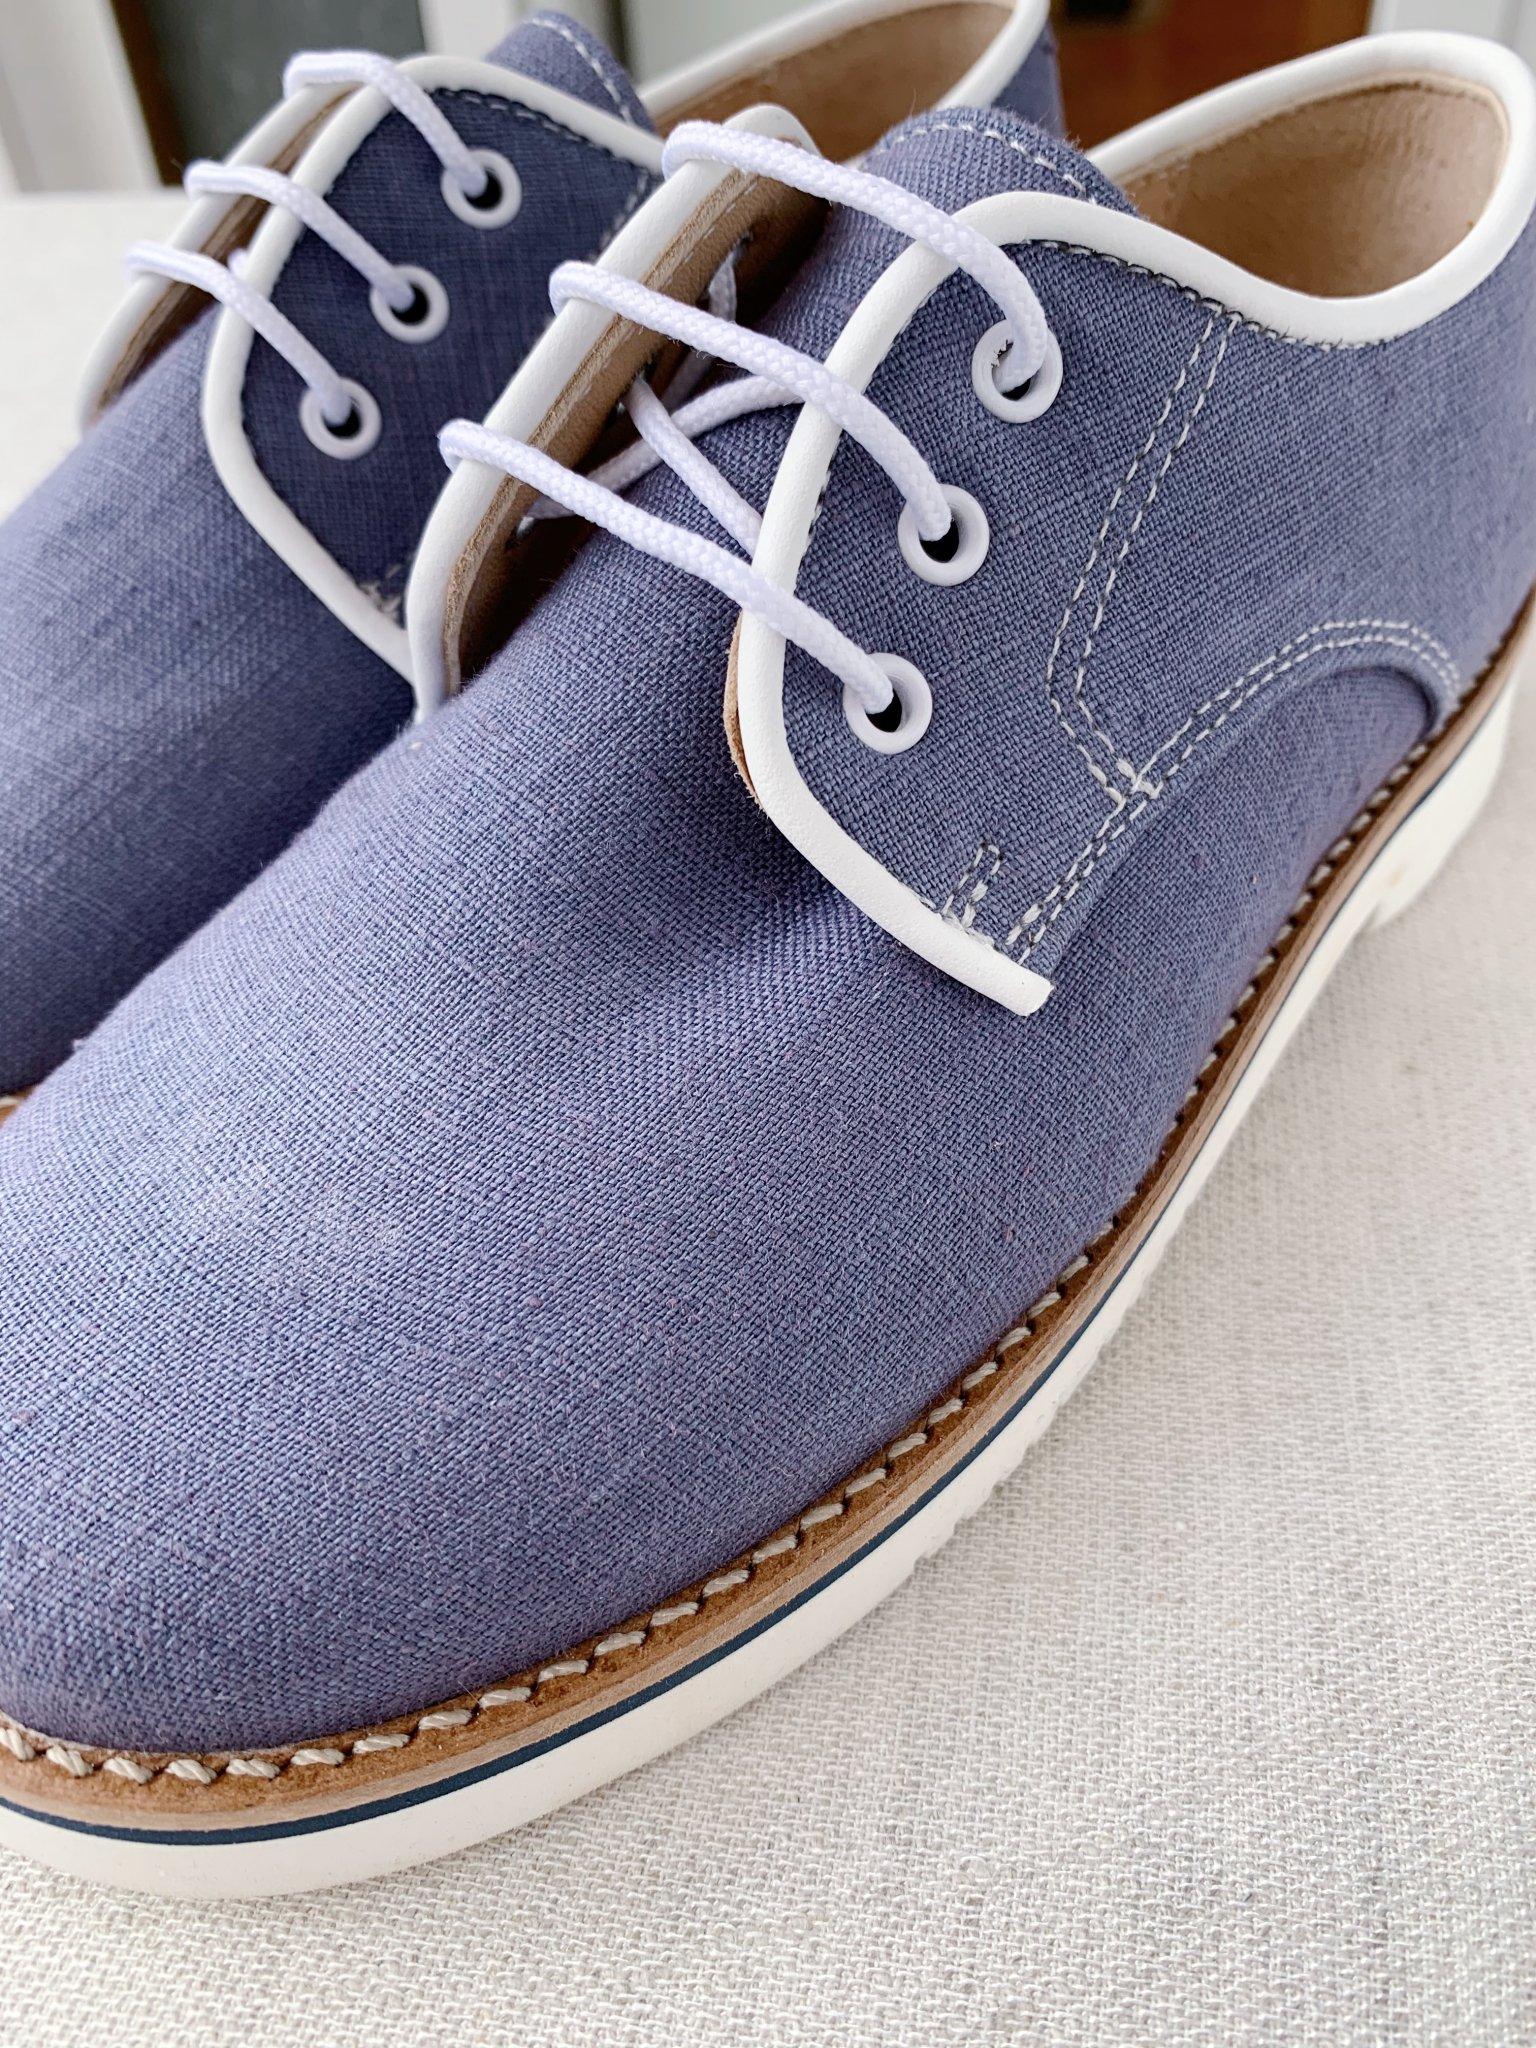 Zapato comunion niño azul